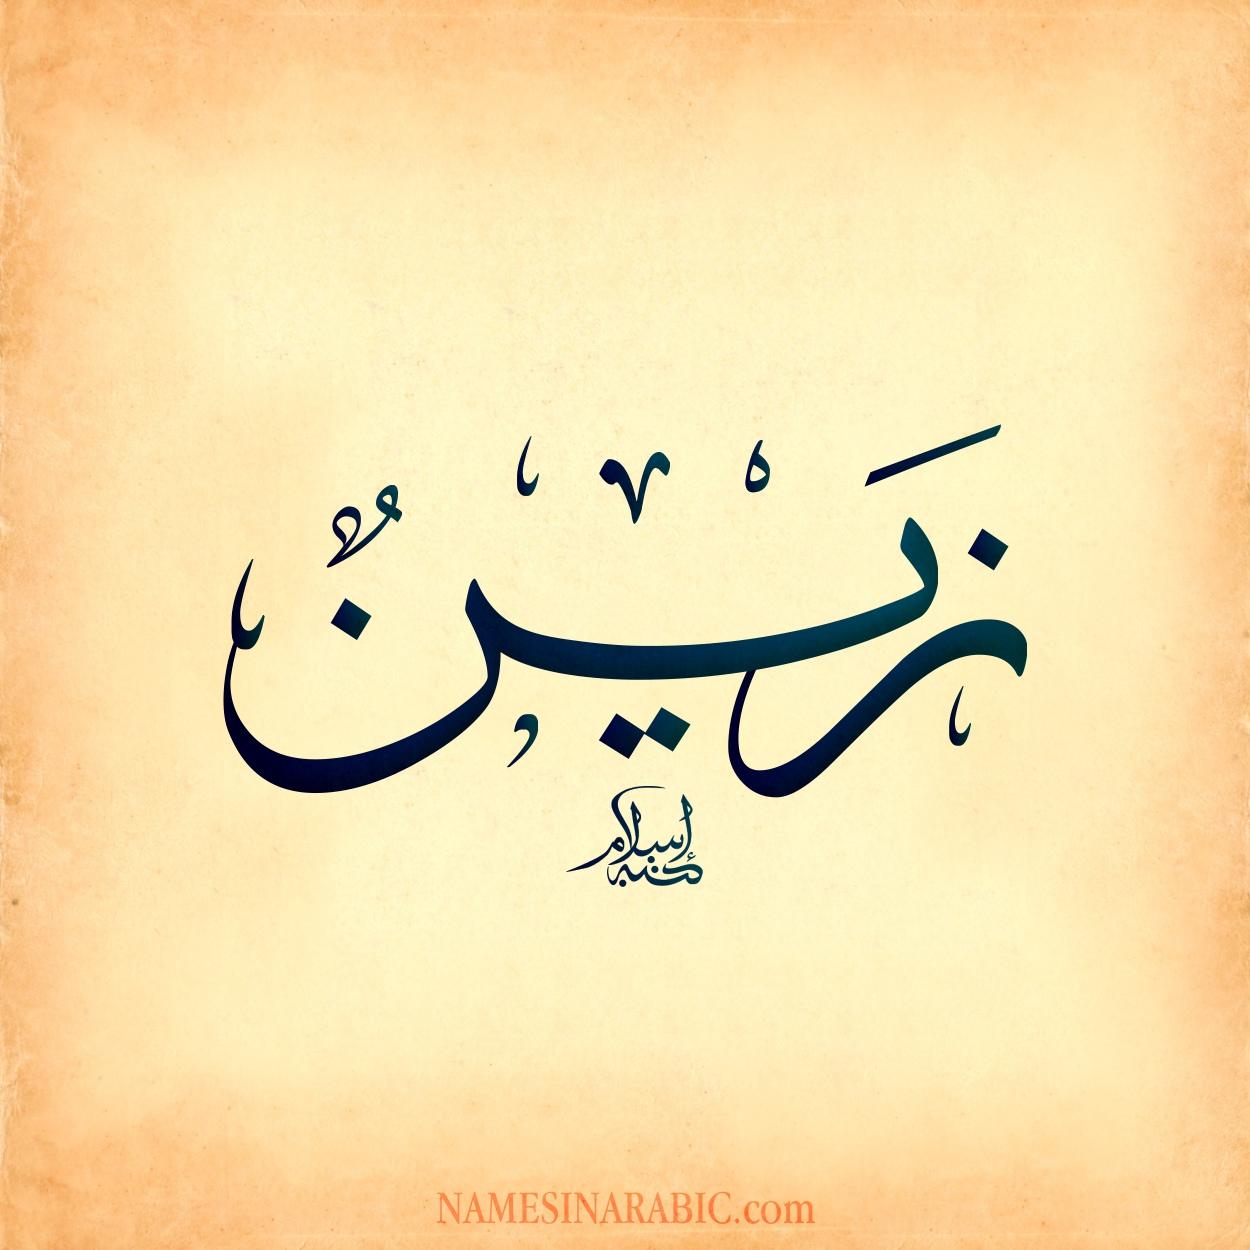 صورة اسم زين Zyn اسم زين بالخط العربي من موقع الأسماء بالخط العربي بريشة الفنان إسلام ابن الفضل